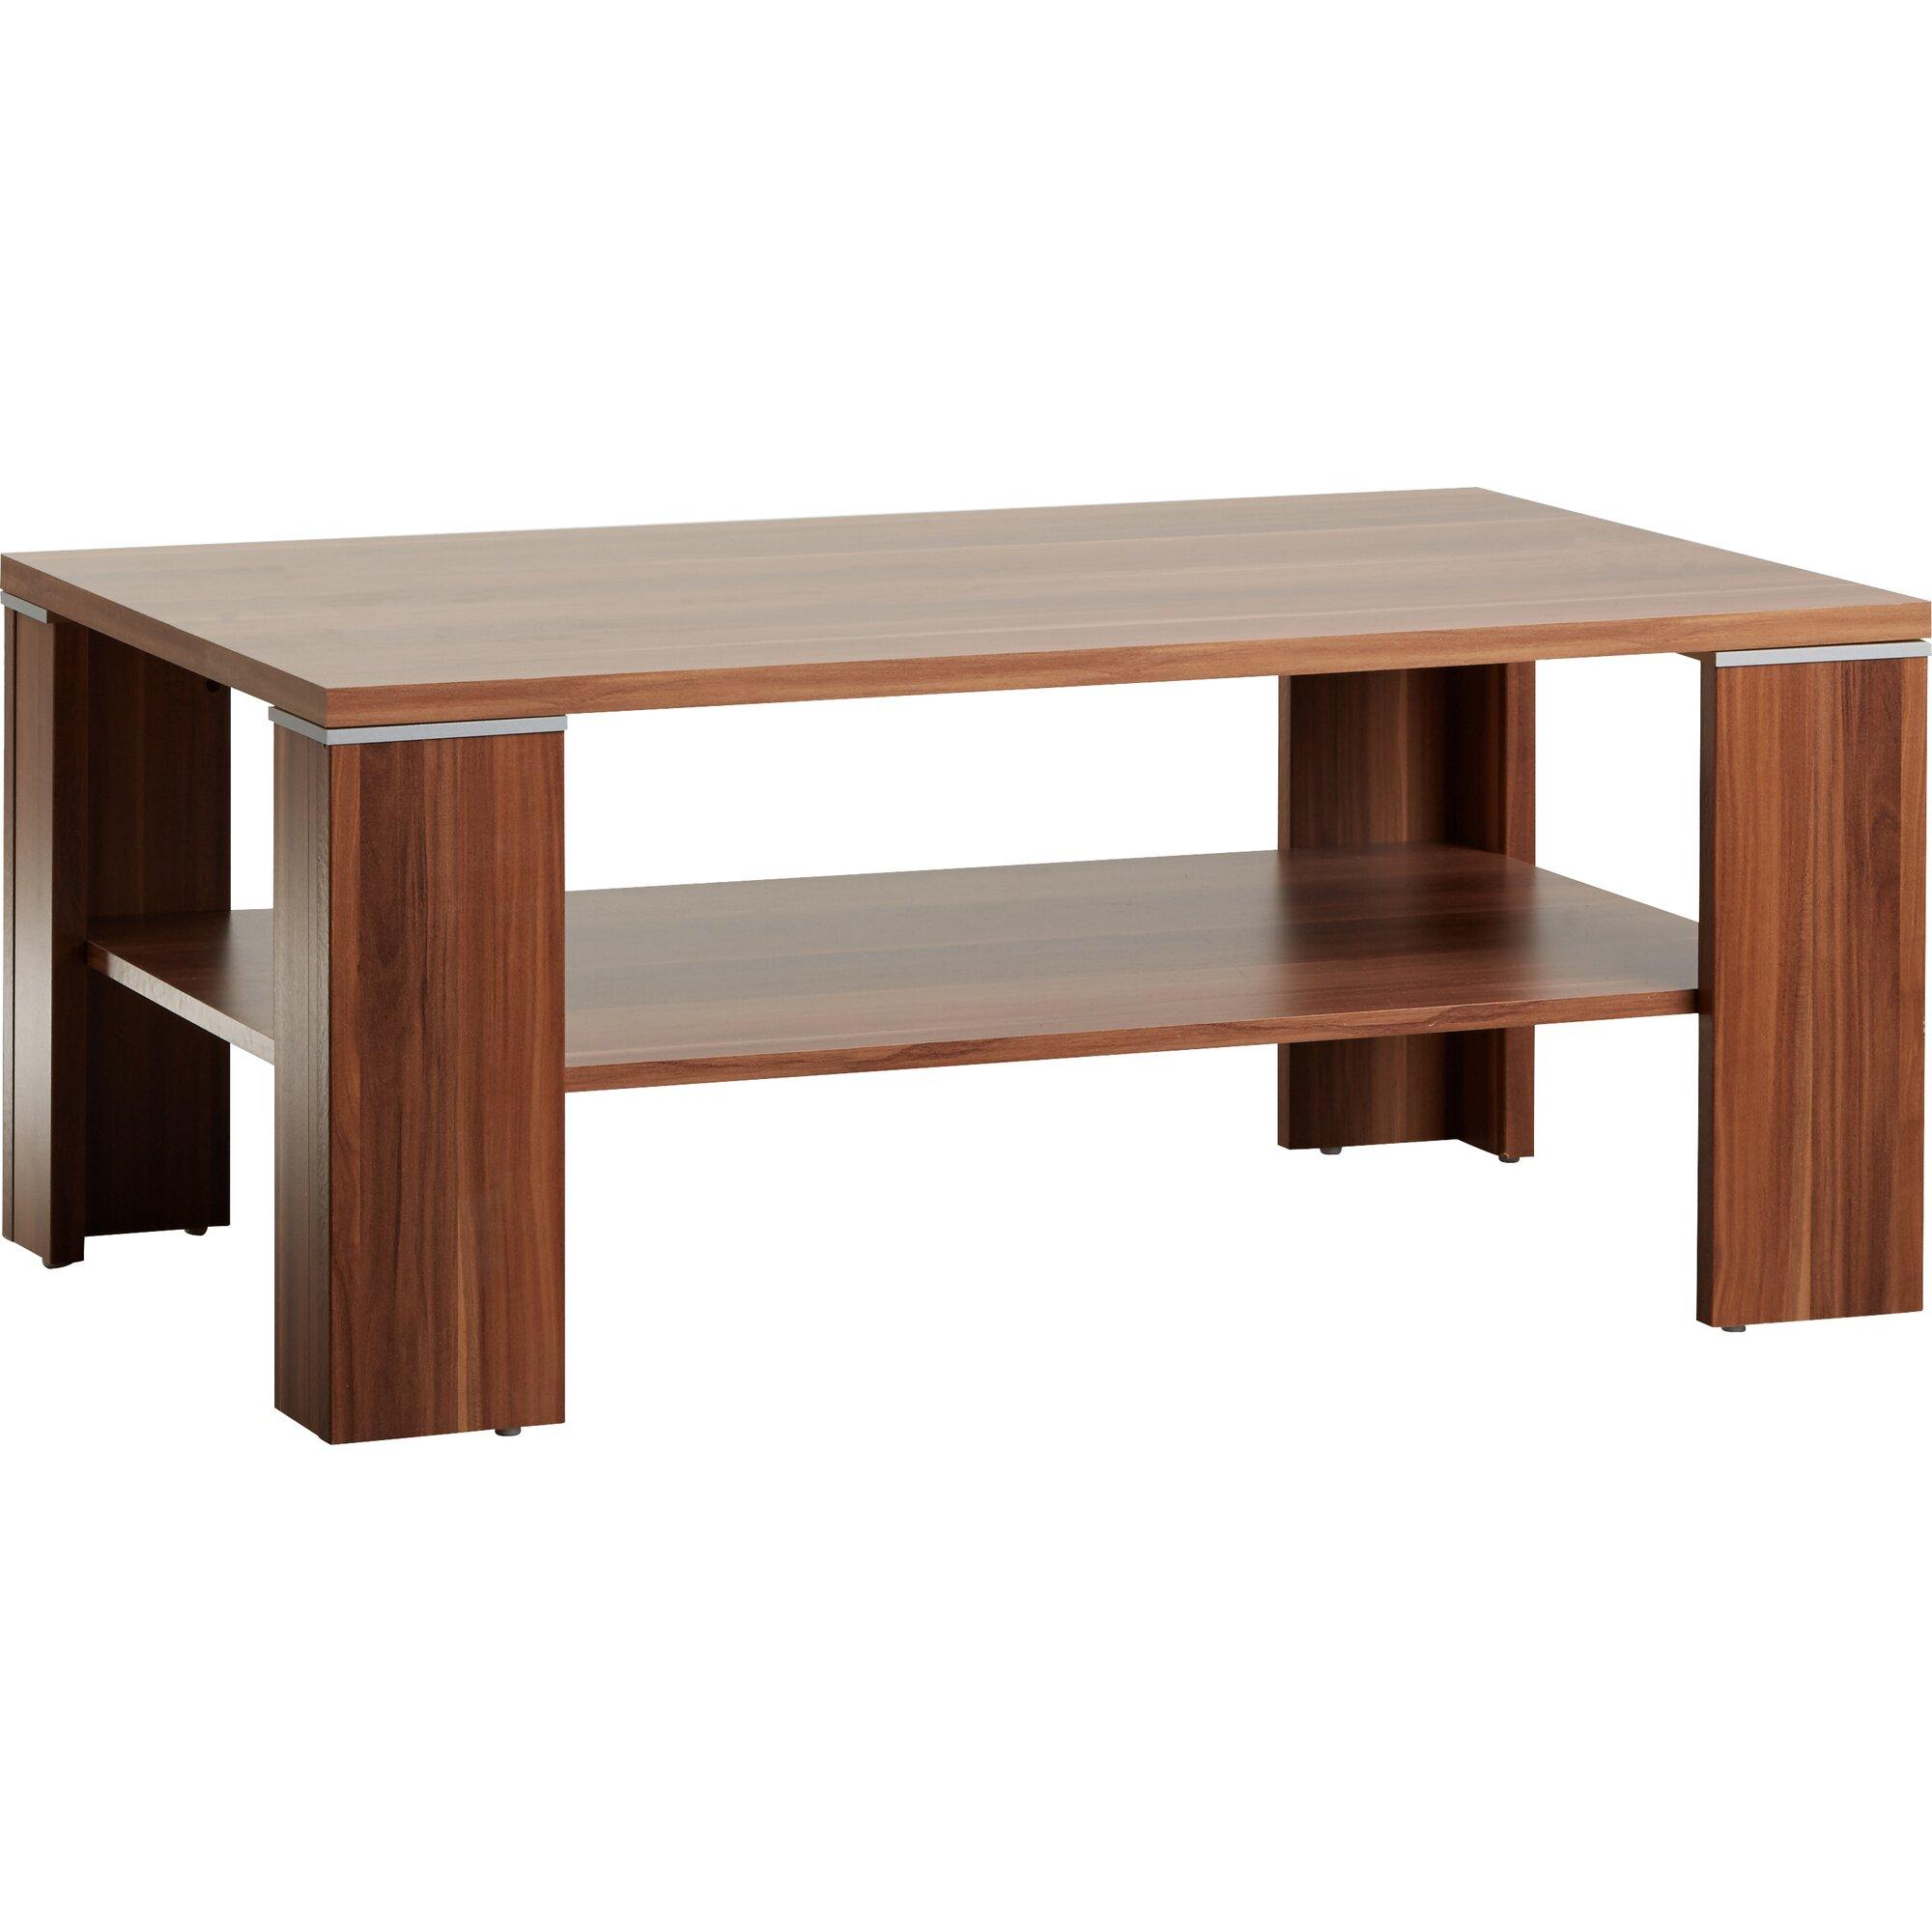 alfa tische couchtisch santos mit stauraum bewertungen. Black Bedroom Furniture Sets. Home Design Ideas